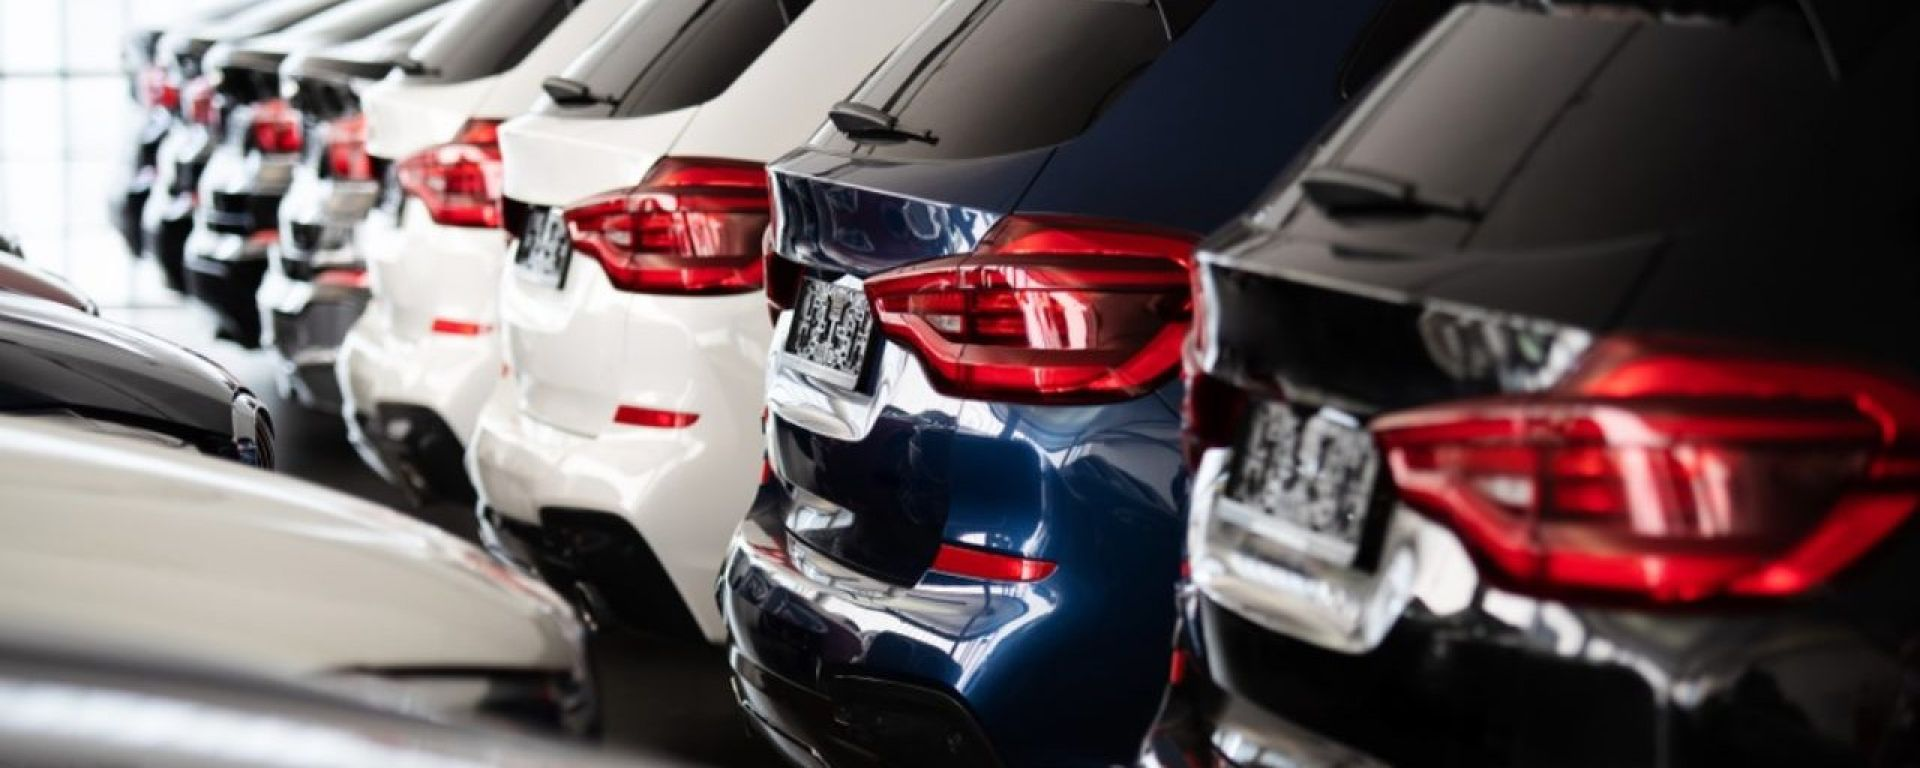 Aprile, auto ancora in rosso: vendite giù del 17,1%